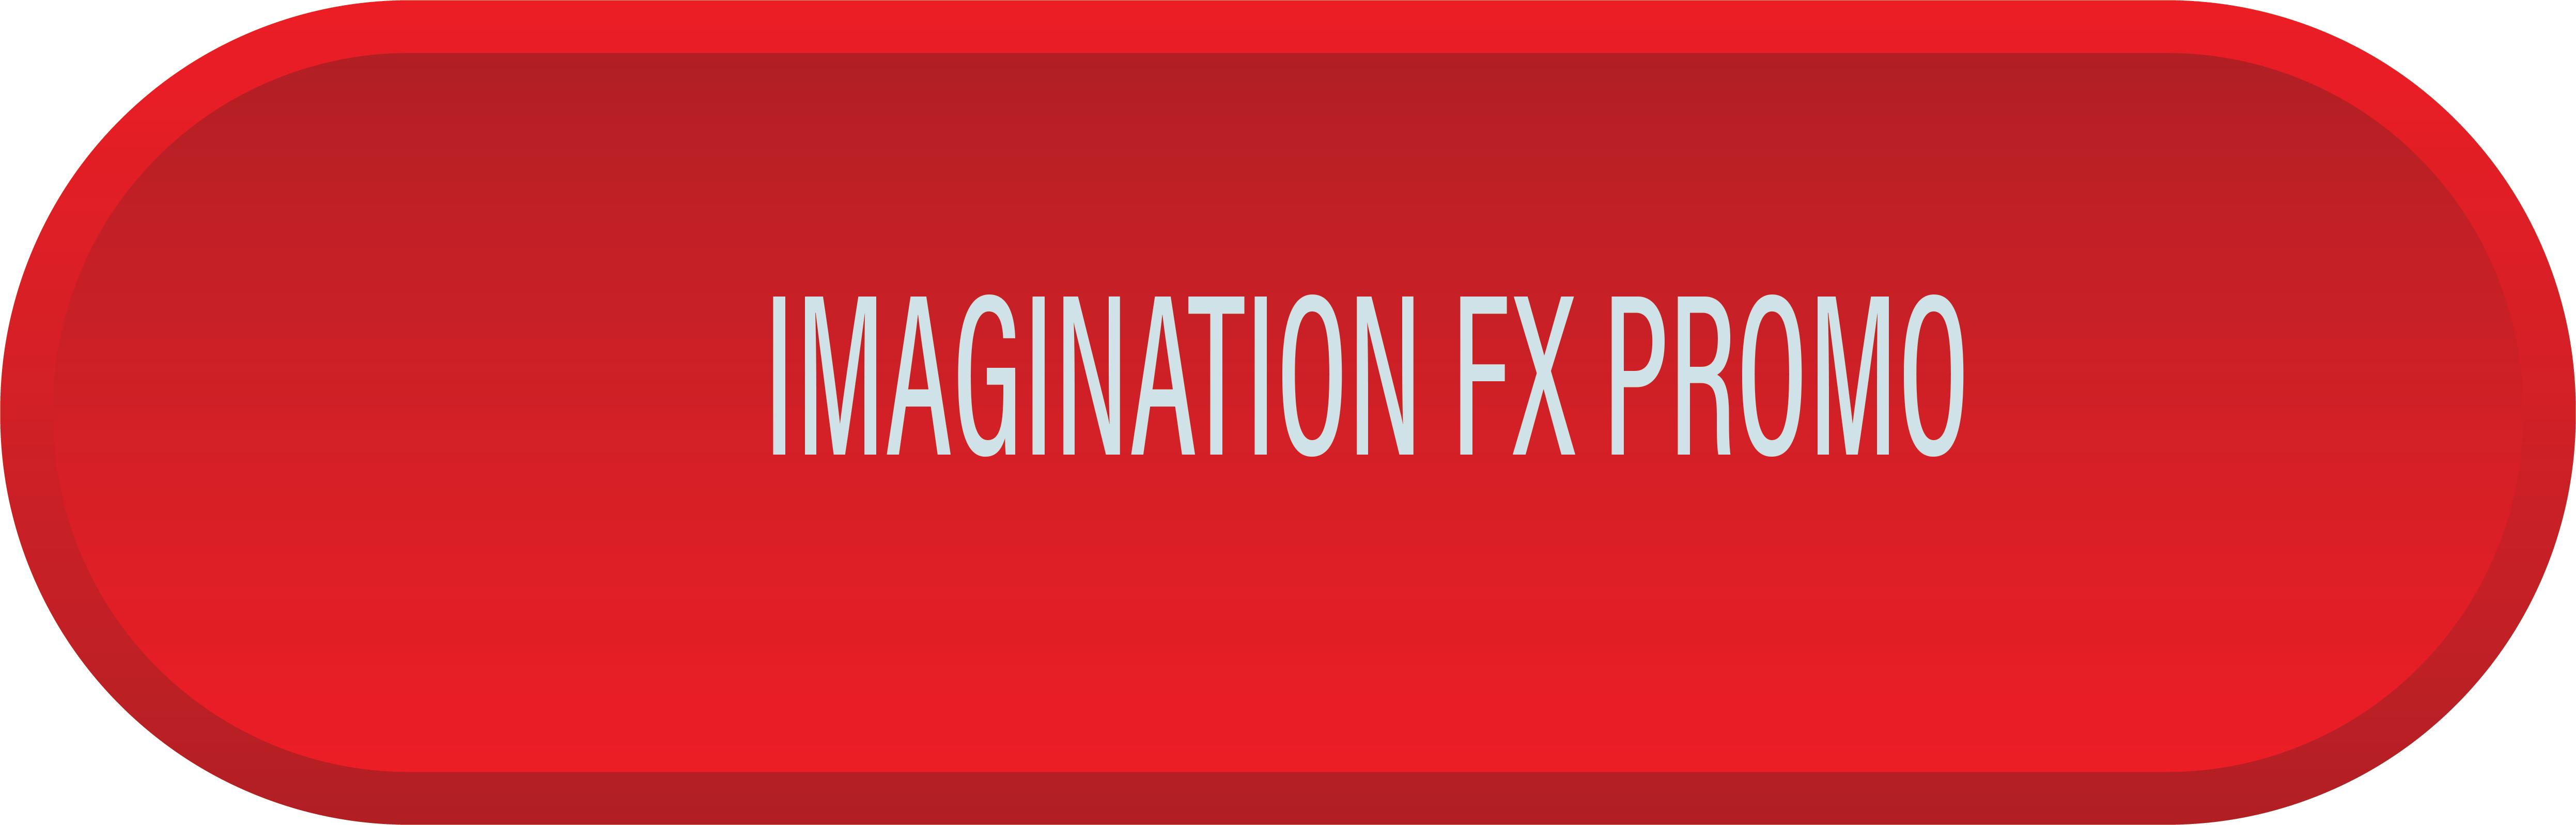 Imagination FX Promo Button